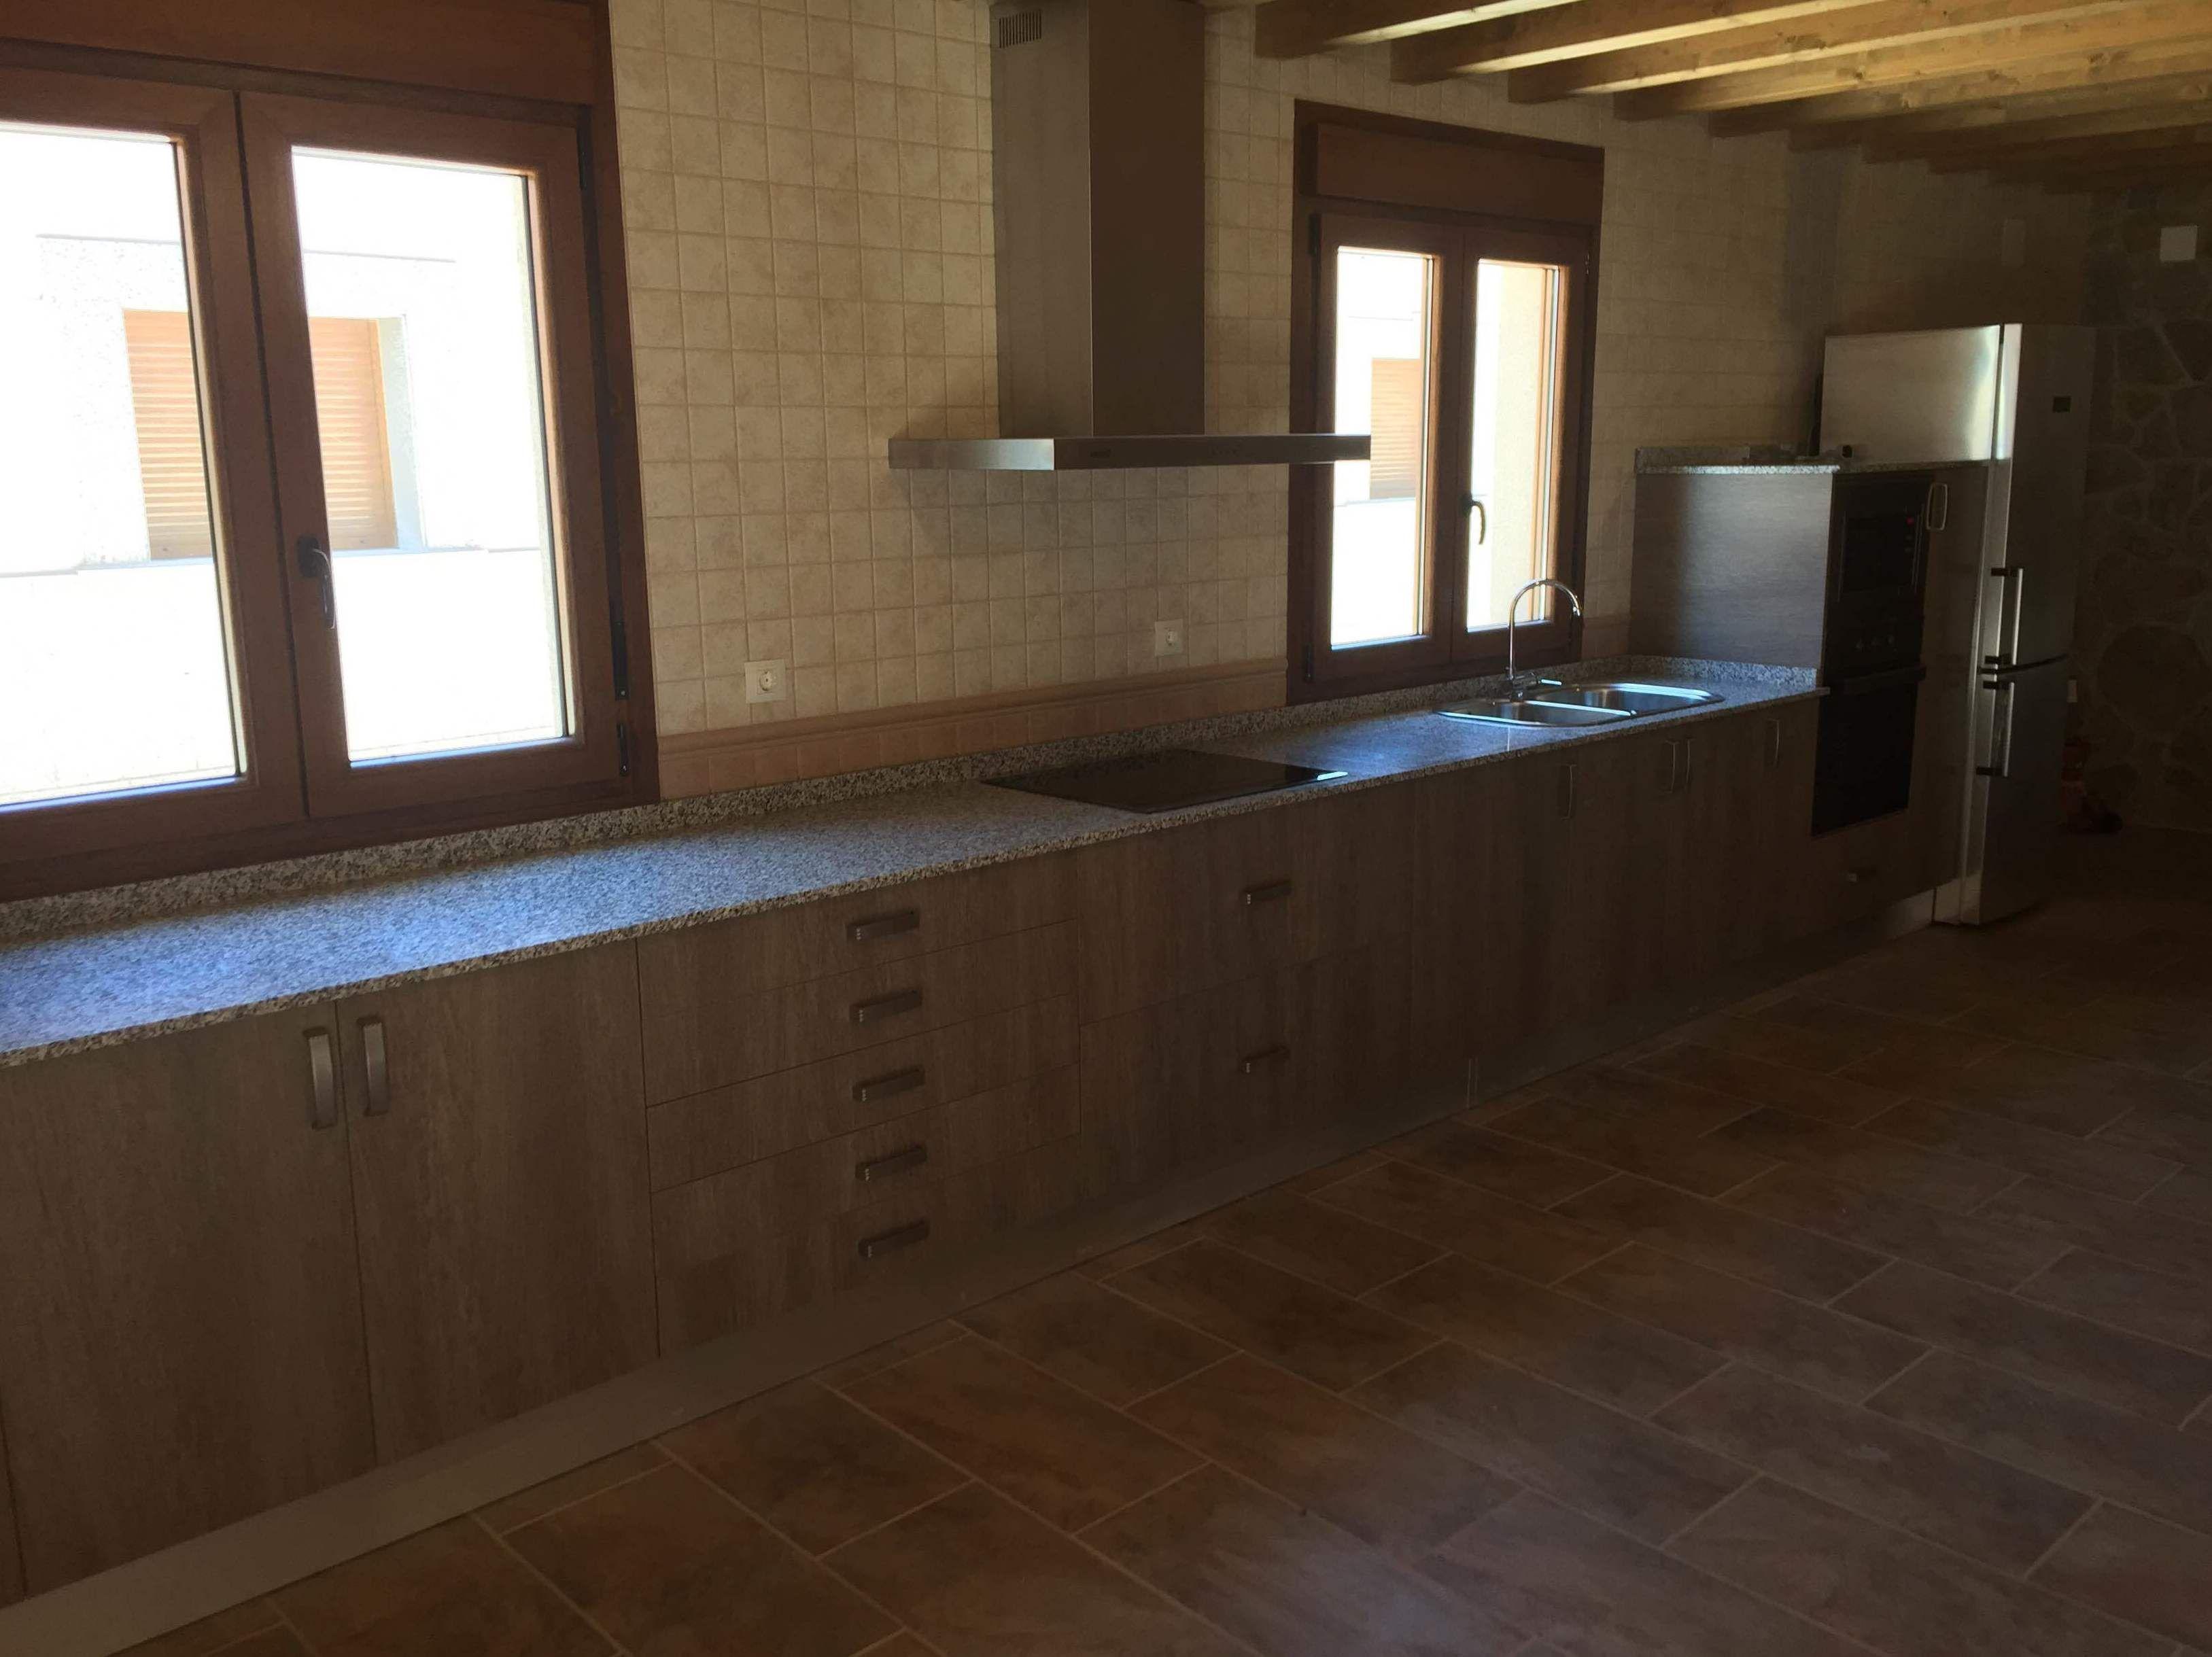 Muebles rojo alcala de henares 20170730172747 - Reformas de cocinas baratas ...